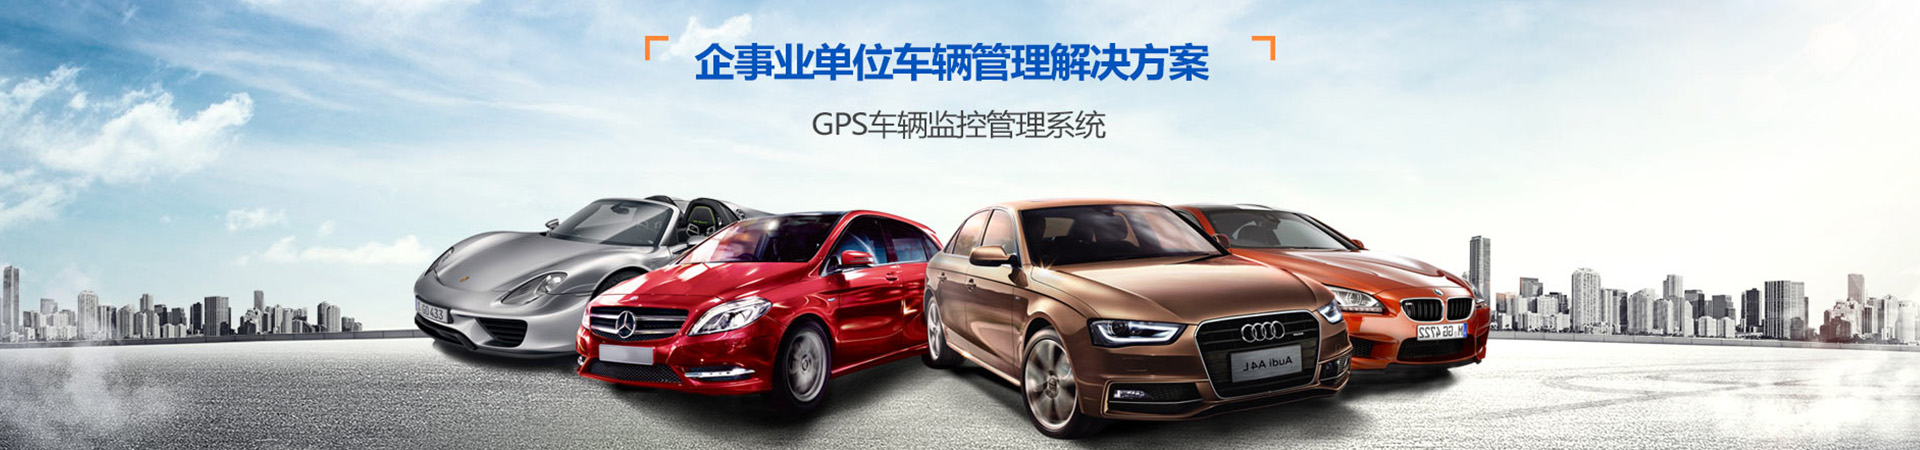 重庆车载北斗GPS定位器终端安装